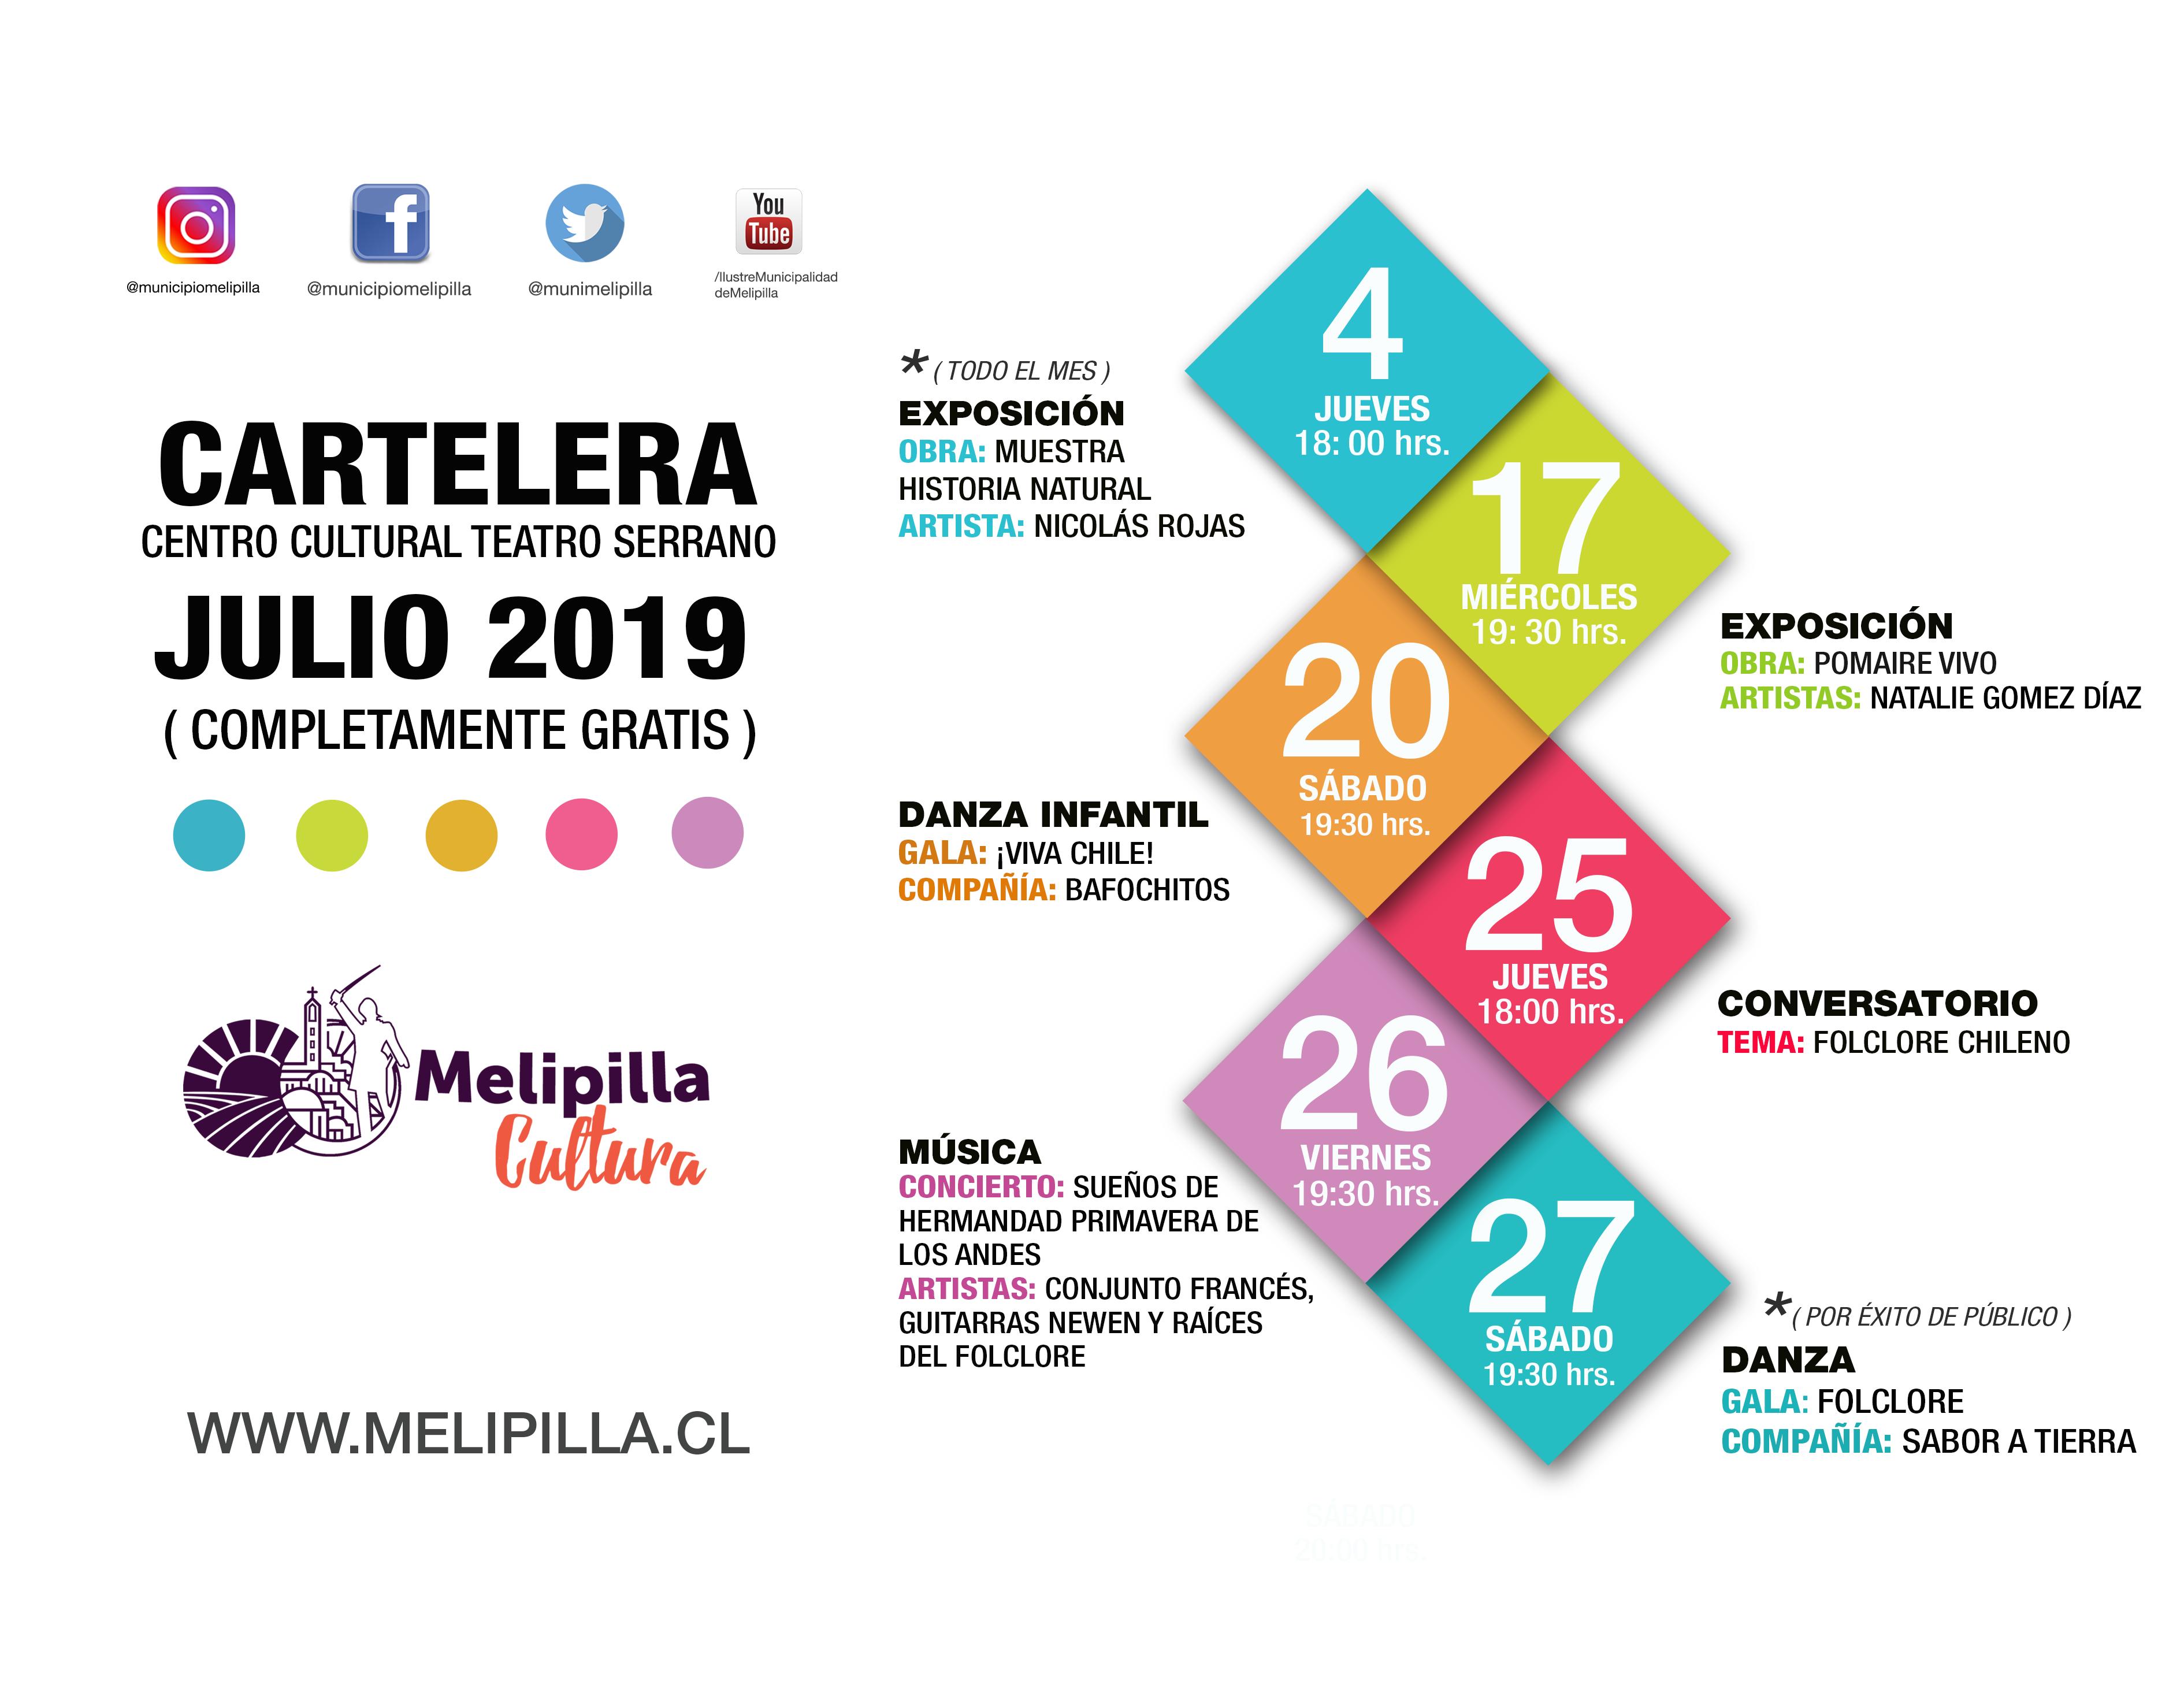 CARTELERA-PARA-REDES-SOCIALES-JULIO-2019